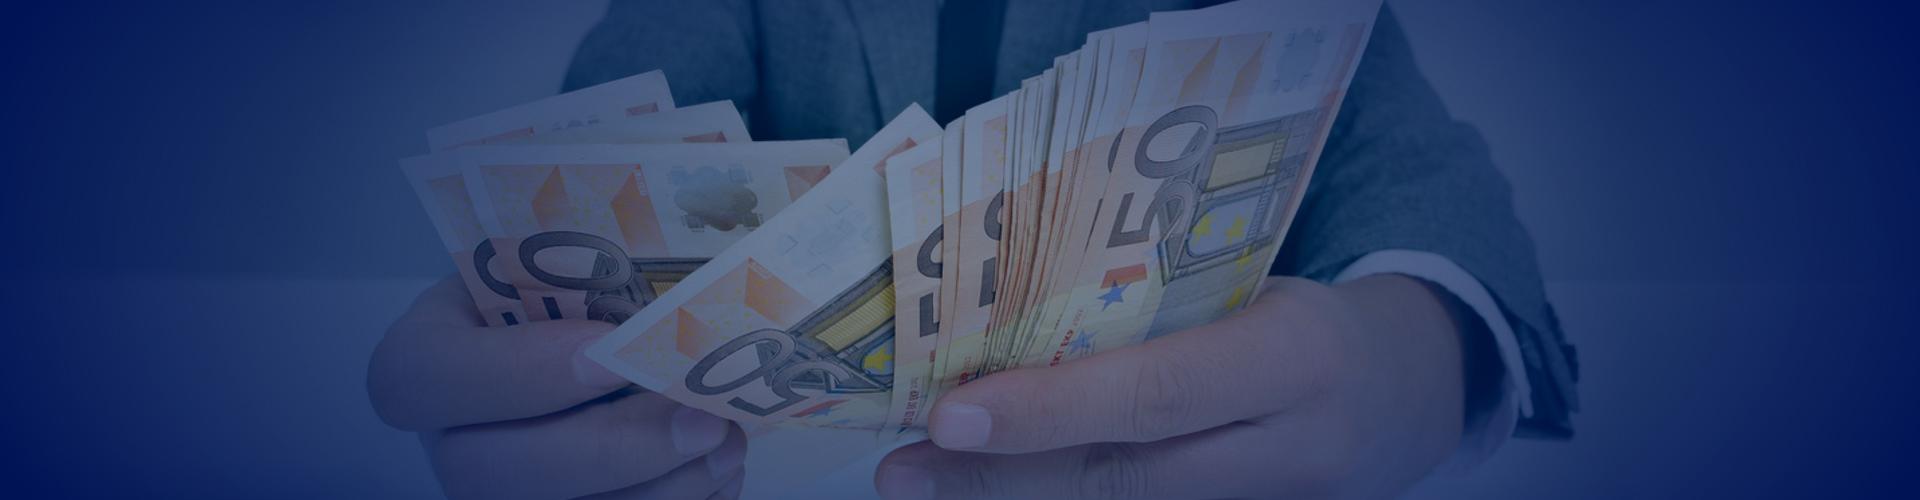 Zwrot Podatku VAT | Tecnocompany